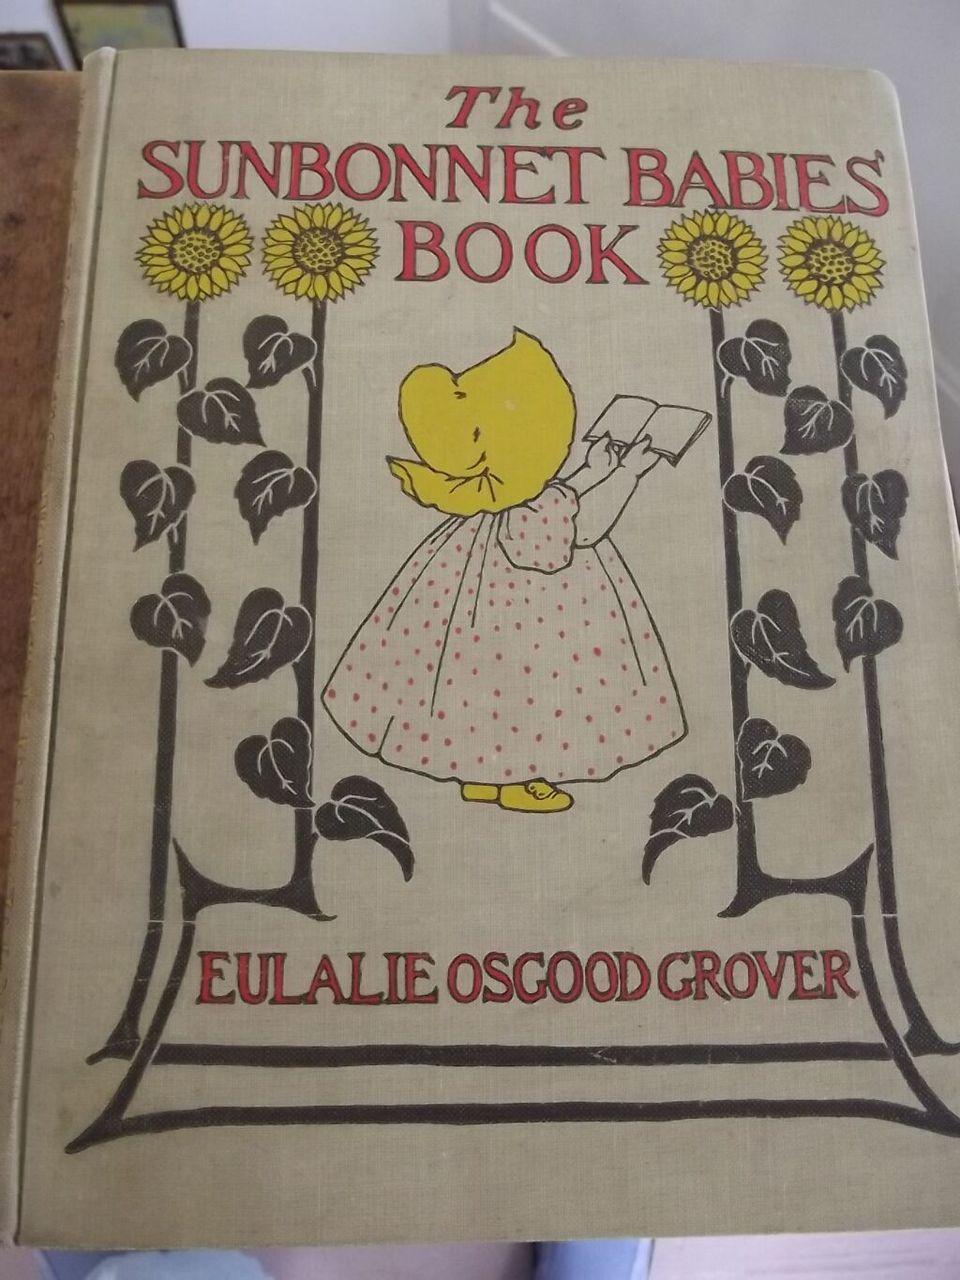 The Sunbonnet Babies Book